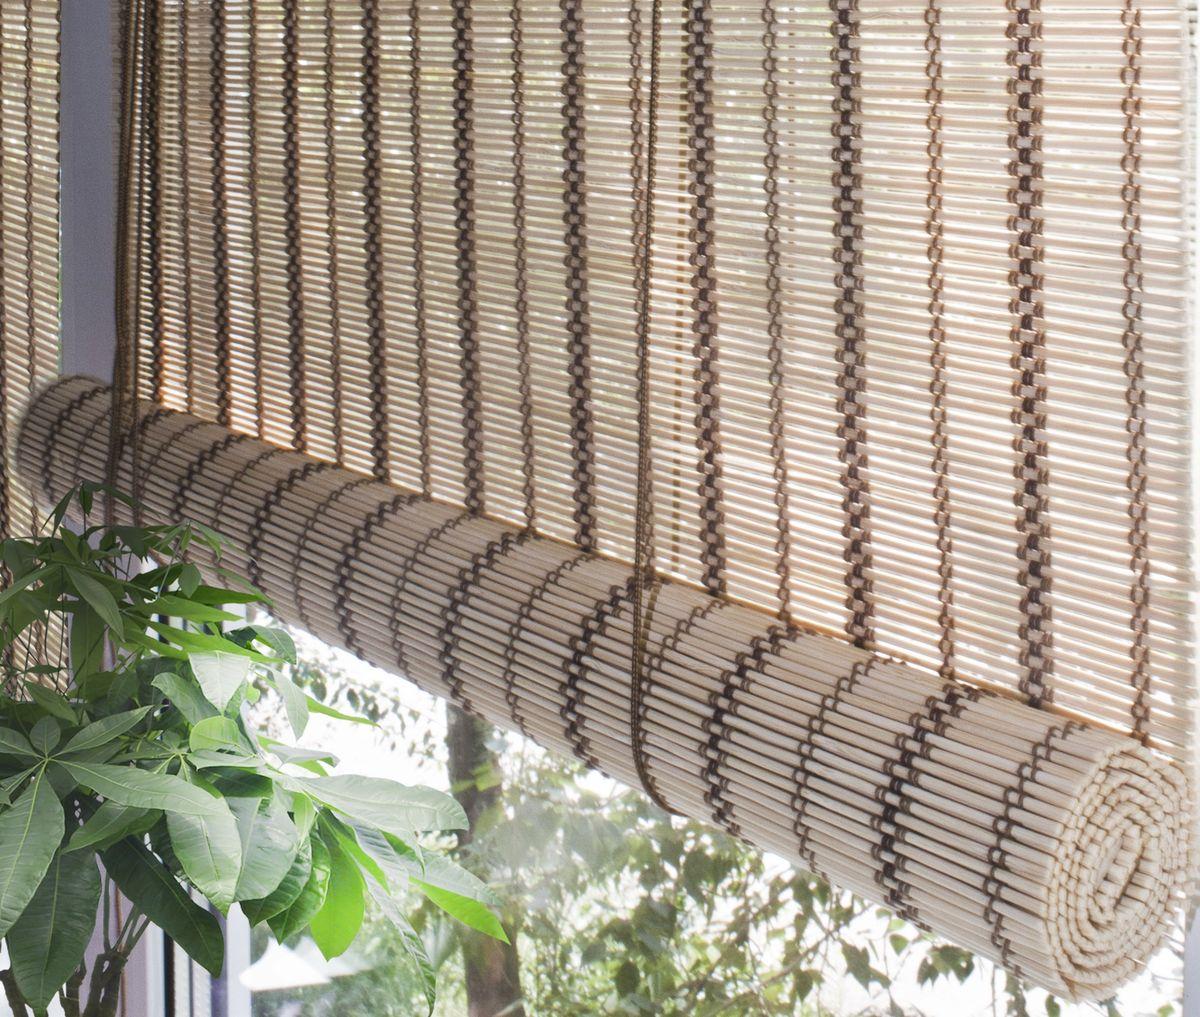 Штора рулонная Эскар Бамбук, цвет: золотой беж, ширина 120 см, высота 160 см304945052160При оформлении интерьера современных помещений многие отдают предпочтение природным материалам. Бамбуковые рулонные шторы - одно из натуральных изделий, способное сделать атмосферу помещения более уютной и в то же время необычной. Свойства бамбука уникальны: он экологически чист, так как быстро вырастает, благодаря чему не успевает накопить вредные вещества из окружающей среды. Кроме того, растение обладает противомикробным и антибактериальным действием. Занавеси из бамбука безопасно использовать в помещениях, где находятся новорожденные дети и люди, склонные к аллергии. Они незаменимы для тех, кто заботится о своем здоровье и уделяет внимание высокому уровню жизни.Бамбуковые рулонные шторы представляют собой полотно, состоящее из тонких бамбуковых стеблей и сворачиваемое в рулон.Римские бамбуковые шторы, как и тканевые римские шторы, при поднятии образуют крупные складки, которые прекрасно декорируют окно.Особенность устройства полотна позволяет свободно пропускать дневной свет, что обеспечивает мягкое освещение комнаты. Это натуральный влагостойкий материал, который легко вписывается в любой интерьер, хорошо сочетается с различной мебелью и элементами отделки. Использование бамбукового полотна придает помещению необычный вид и визуально расширяет пространство.Помимо внешней красоты, это еще и очень удобные конструкции, экономящие пространство. Изготавливаются они из специальных материалов, устойчивых к внешним воздействиям. Сама штора очень эргономичная, и позволяет изменять визуально пространство в зависимости от потребностей владельца.